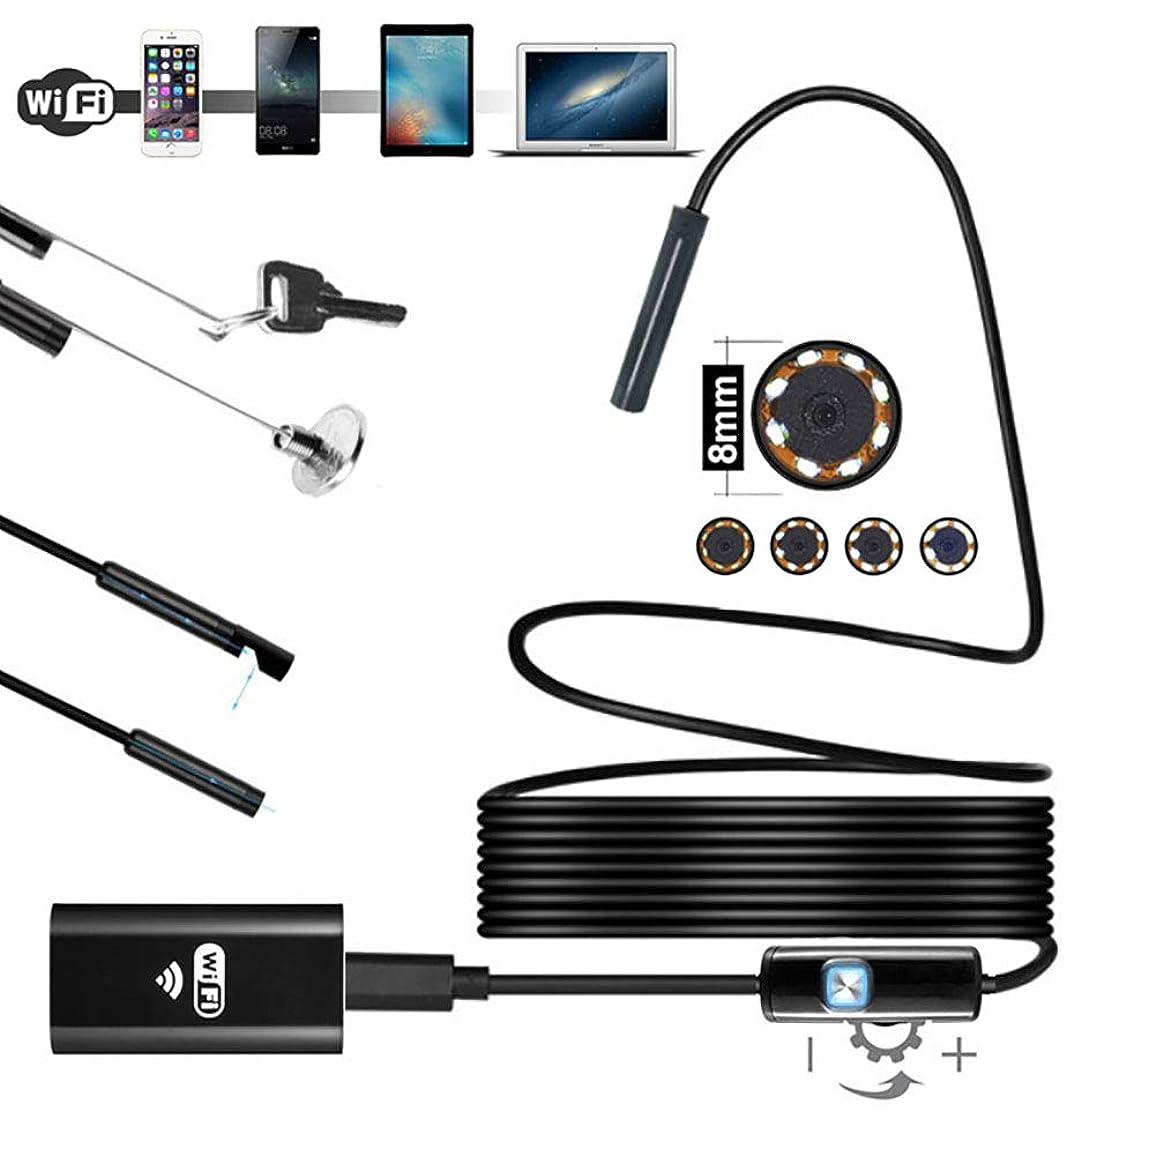 クモディスコスタウトワイヤレス内視鏡カメラ、5メガピクセルHD Wi-Fi内視鏡、 換気管検査、空調検査、自動車整備などに適しています。